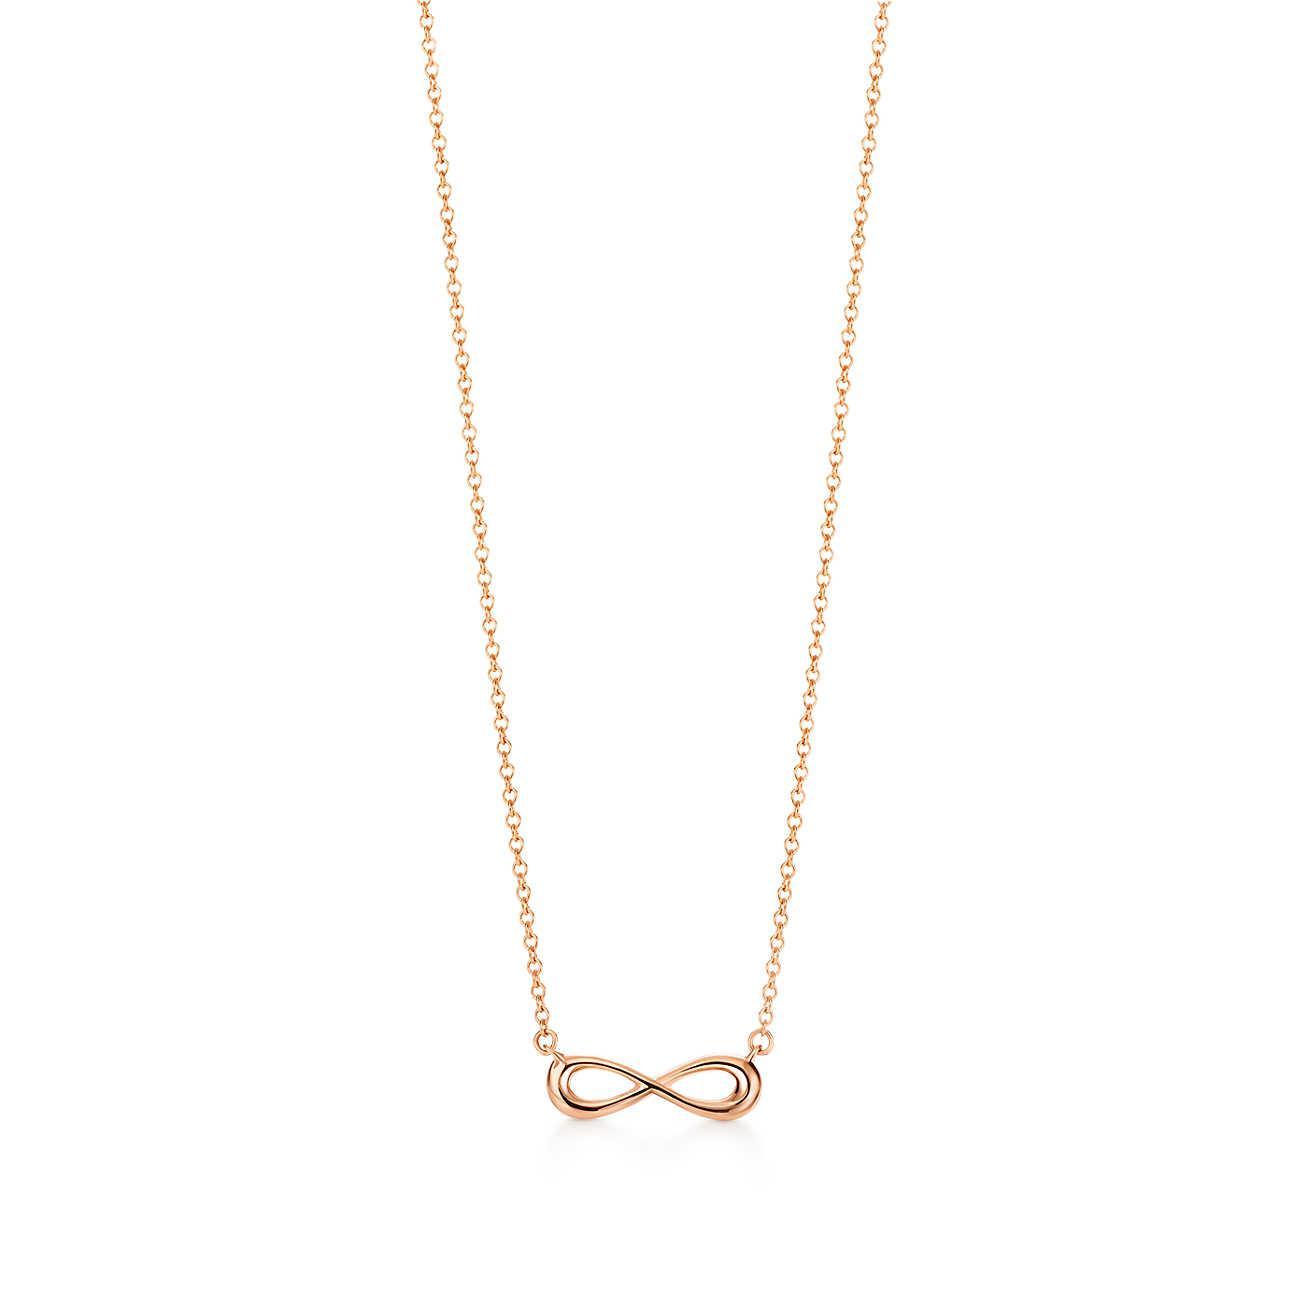 ec8d5268d Tiffany & Co. Tiffany Infinity Pendant In 18k Rose Gold, Mini in ...